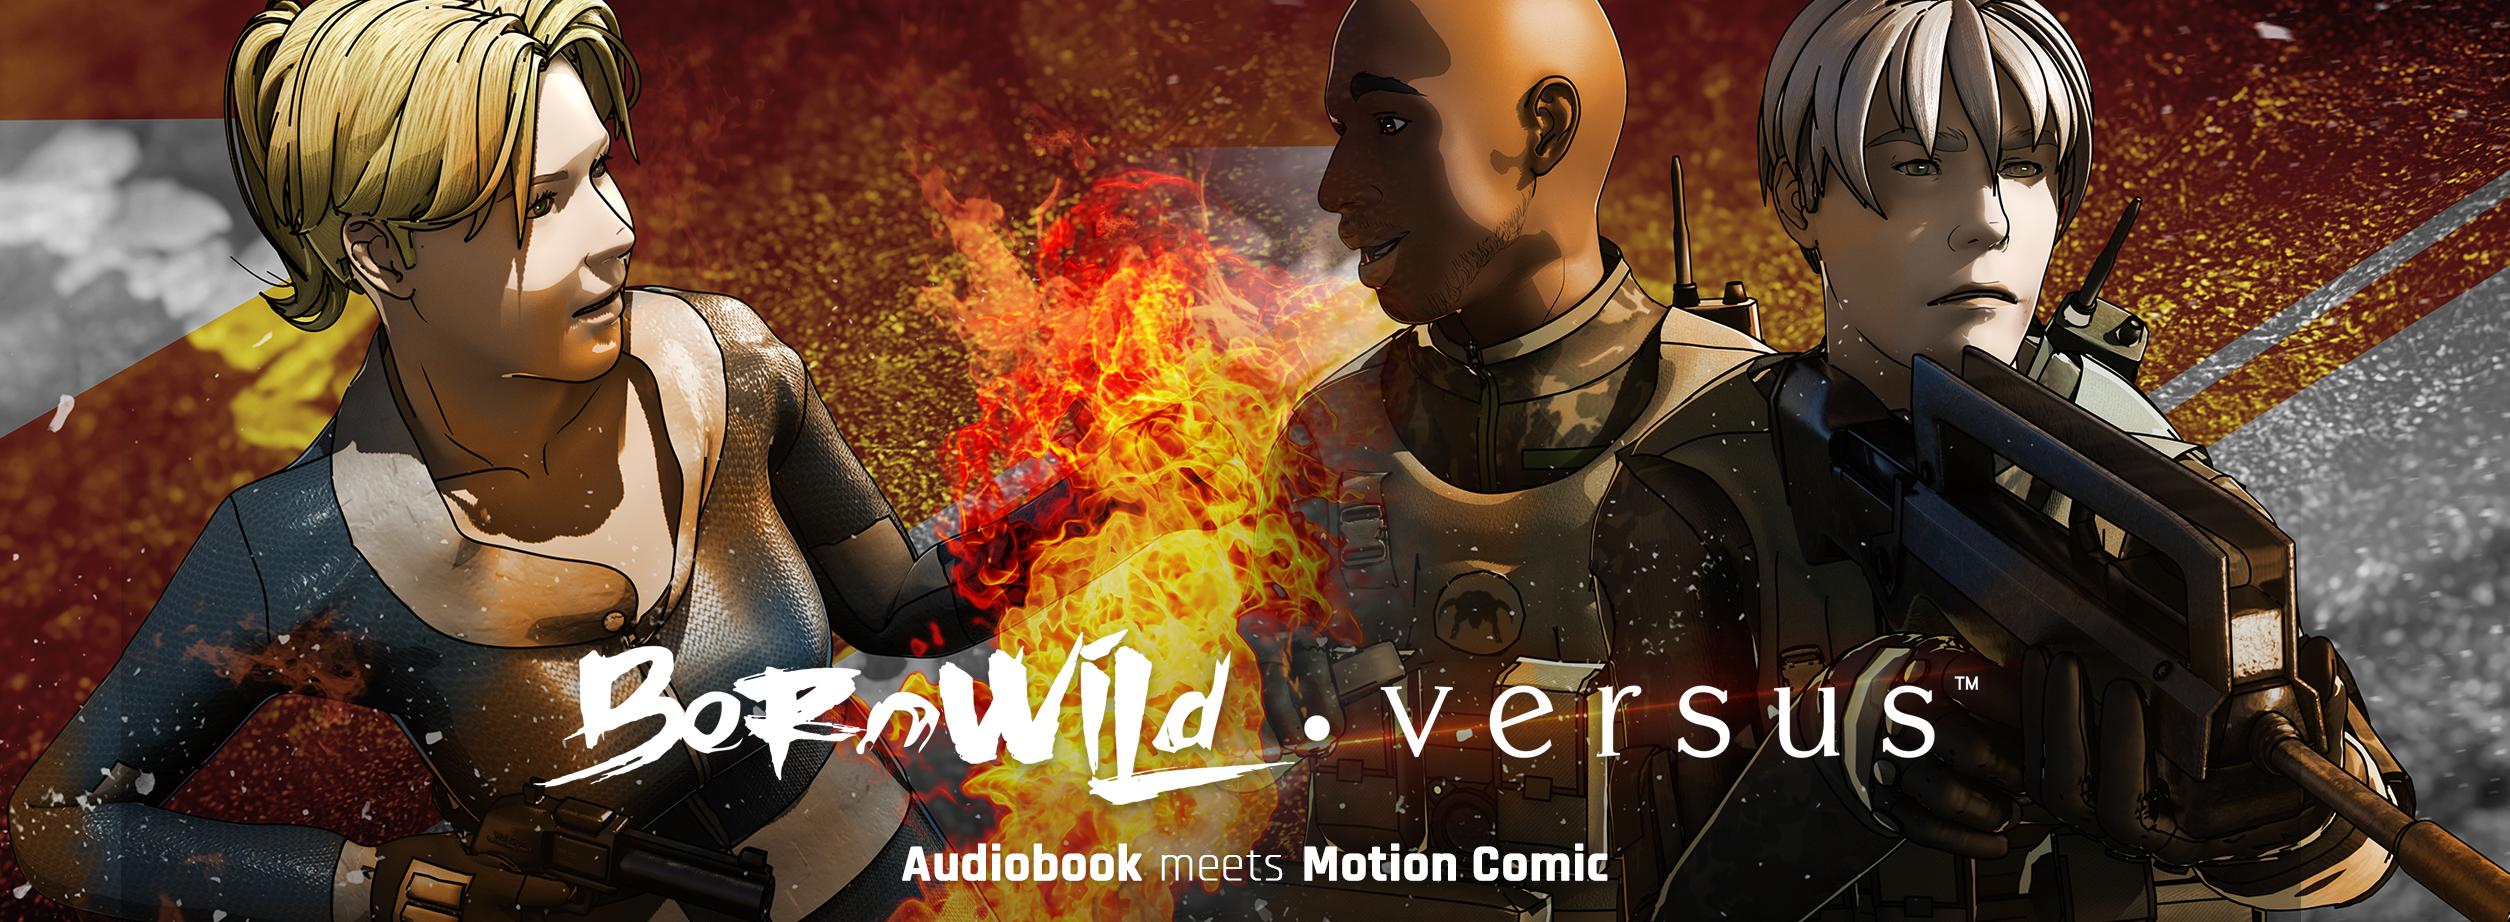 BornWild • Versus - Episode 8